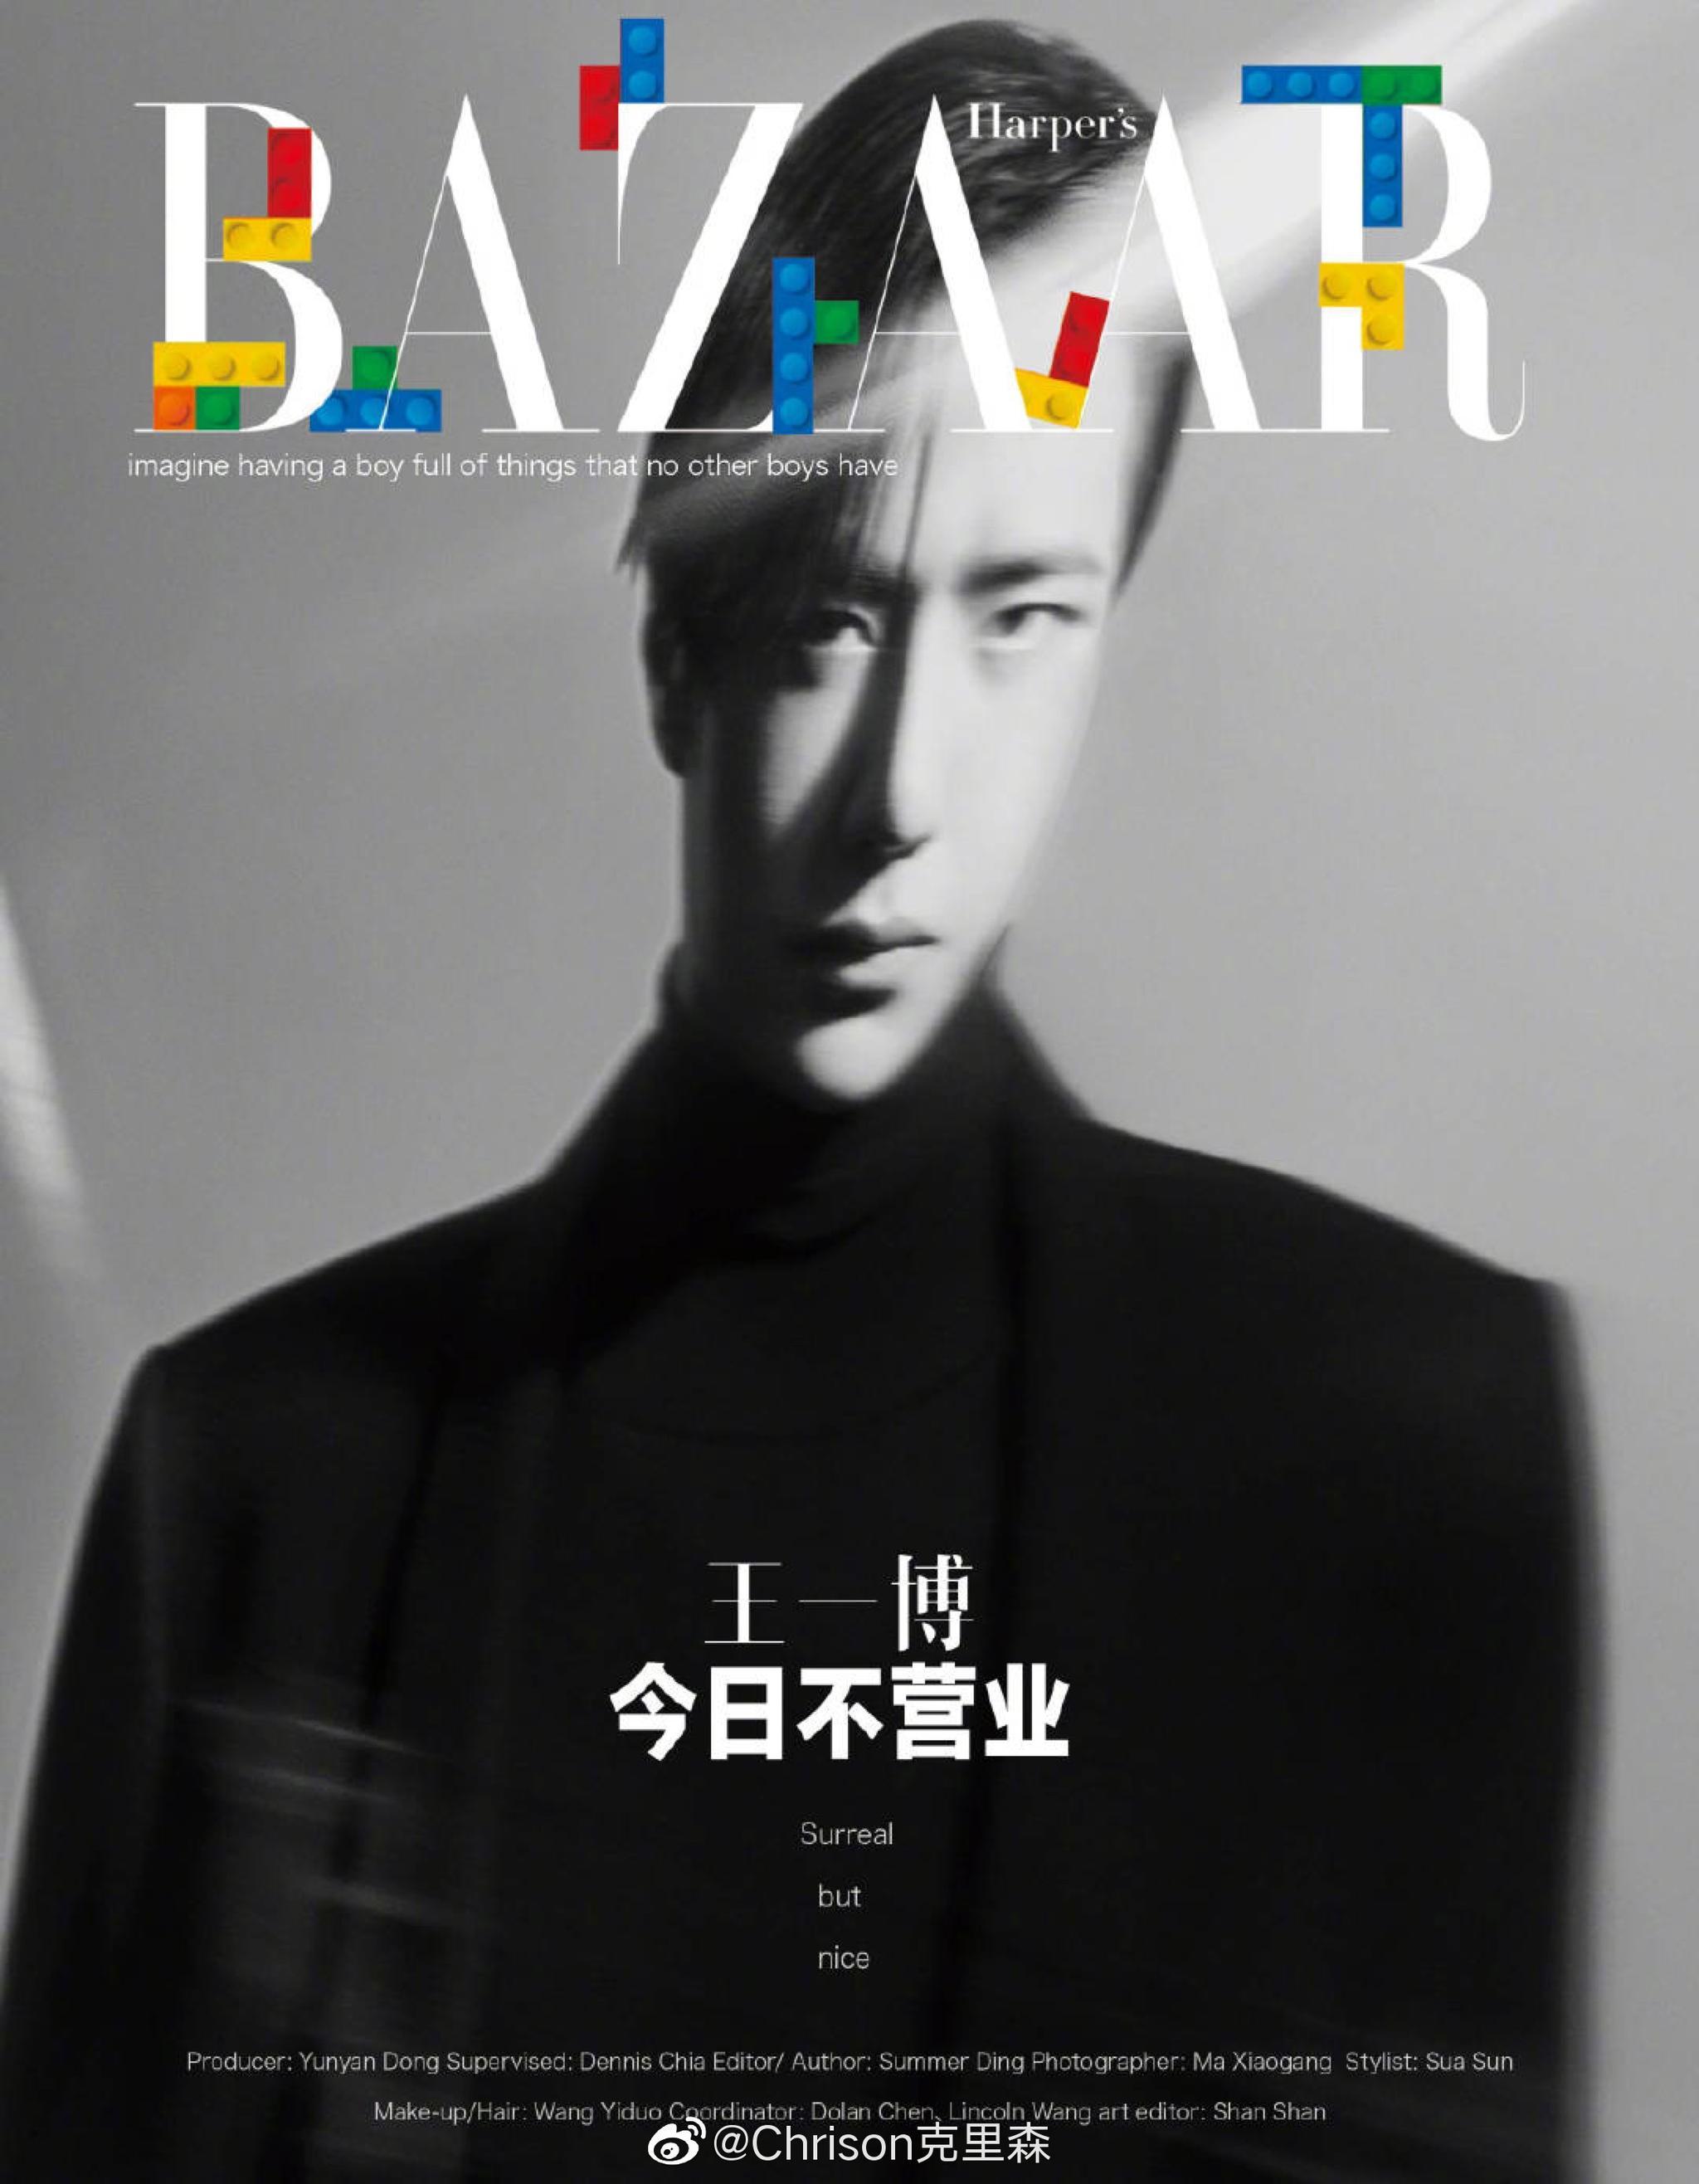 王一博 x 时尚芭莎 Harper's BAZAAR ┊ 创下销售记录的一期芭莎别册